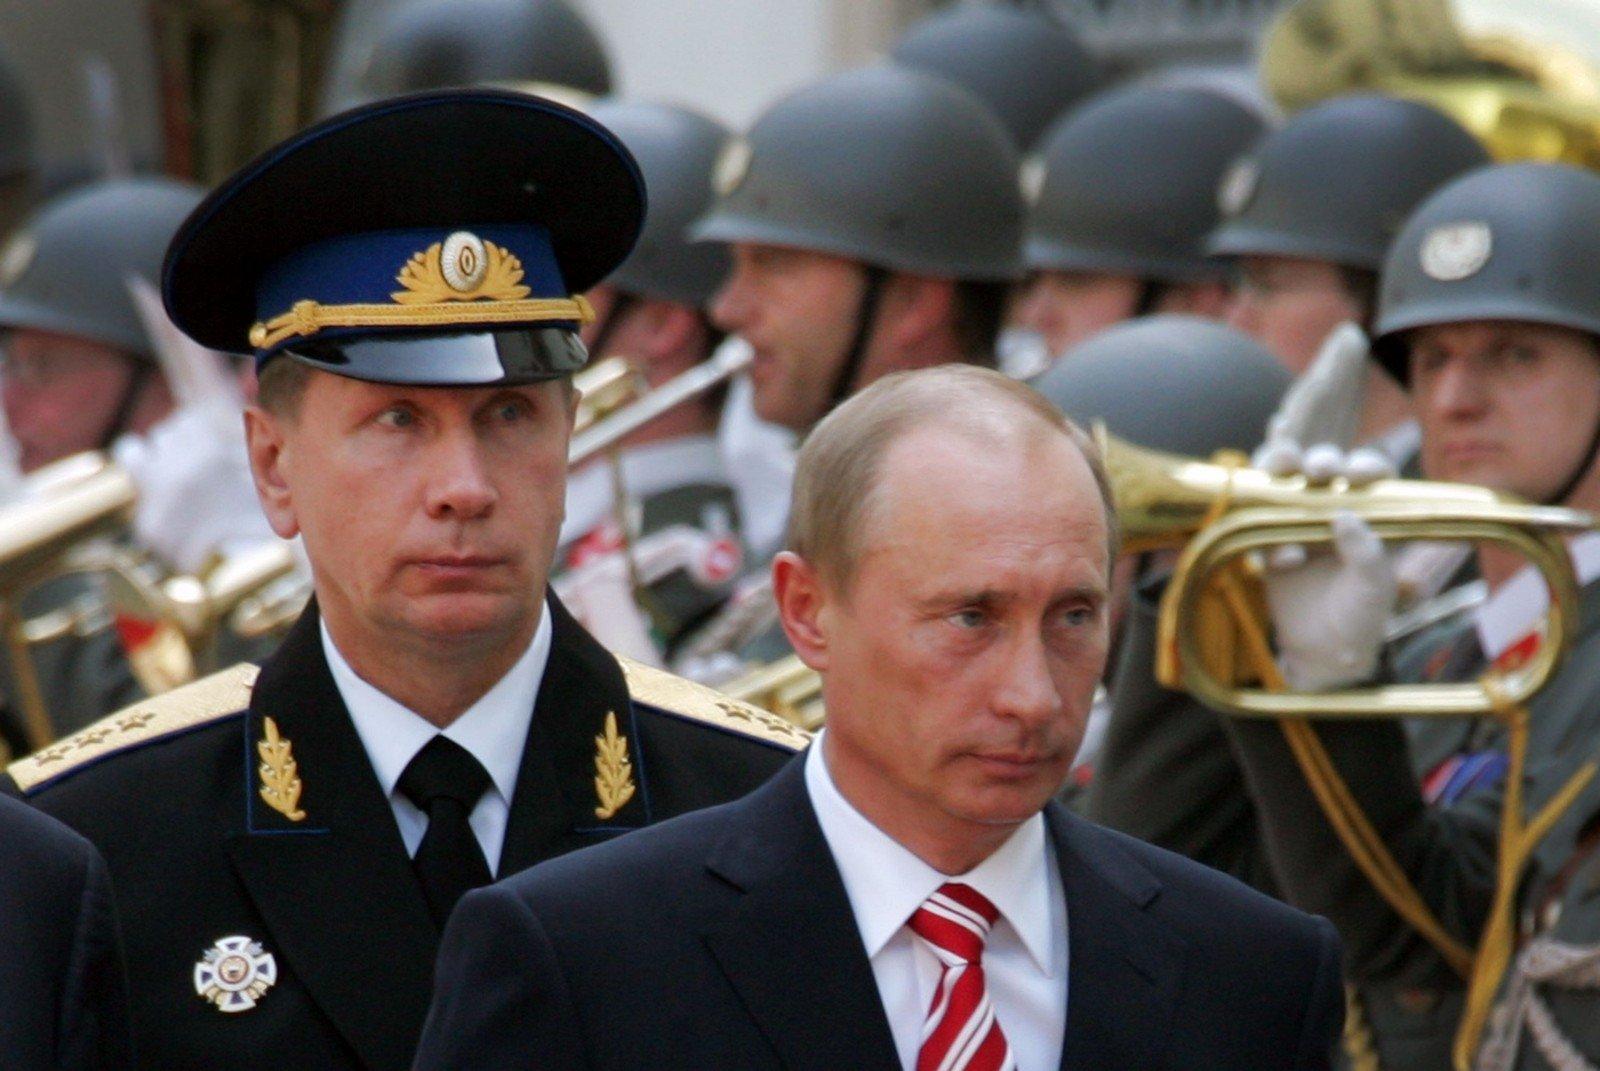 Руководитель Росгвардии Золотов сказал подробности о новейшей силовой структуре